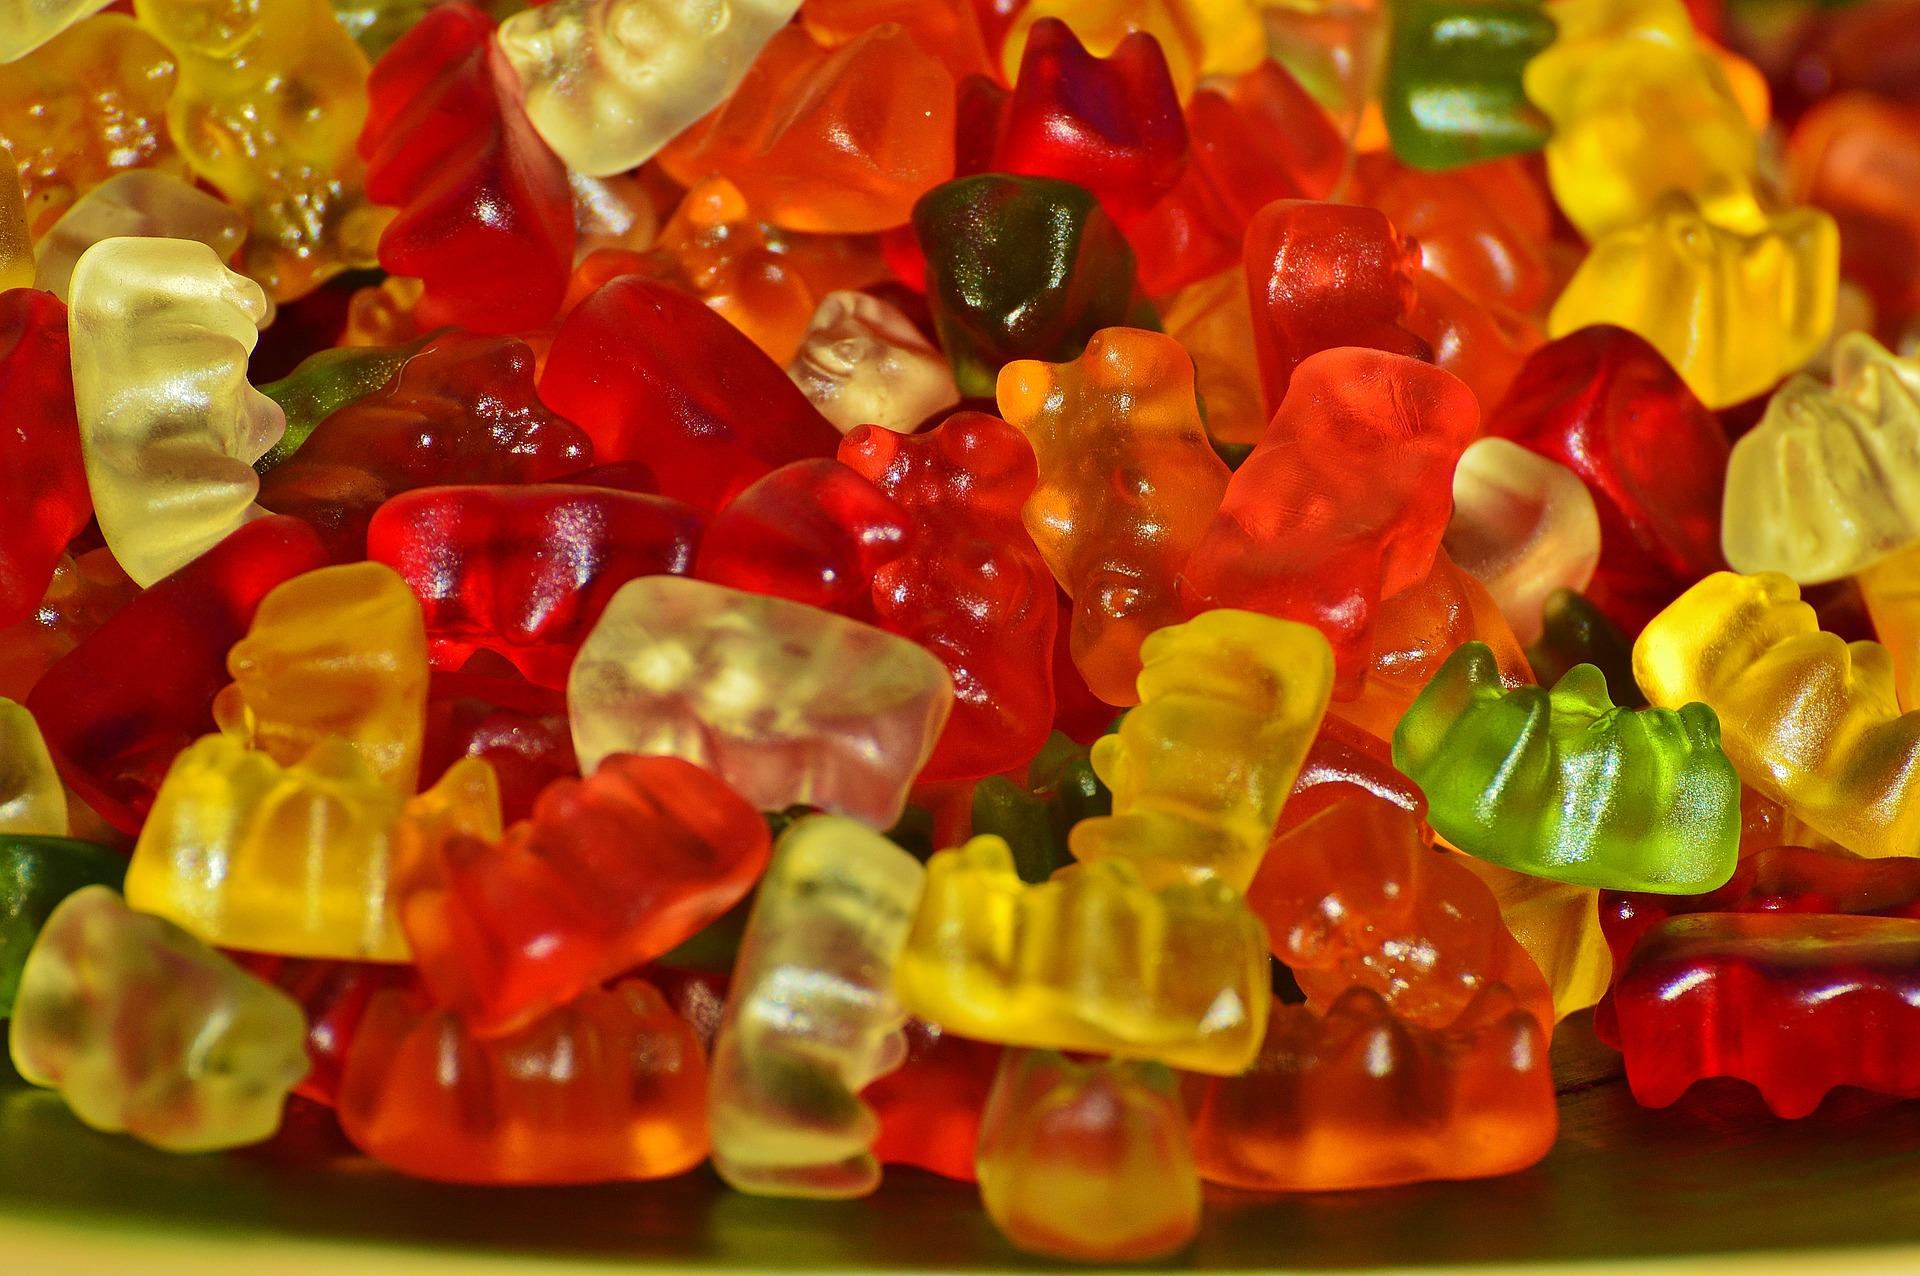 Wie viel Süßes für Kinder? - MEDIZIN ASPEKTE